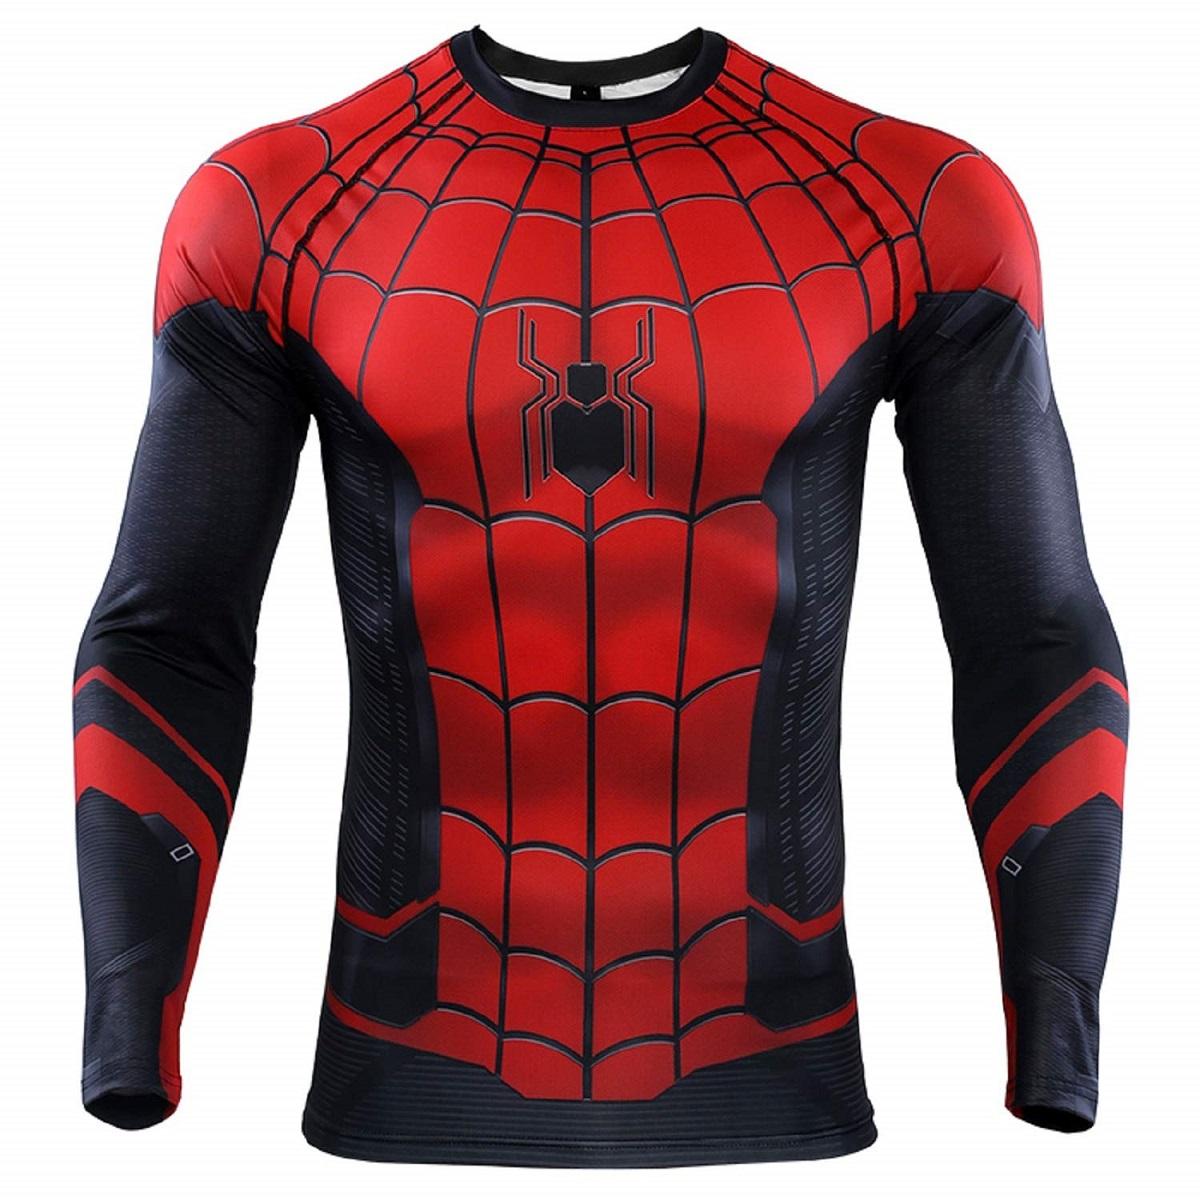 スパイダーマン Mサイズ トレーニング用 ハロウィーン用 フィットシャツ コスチューム